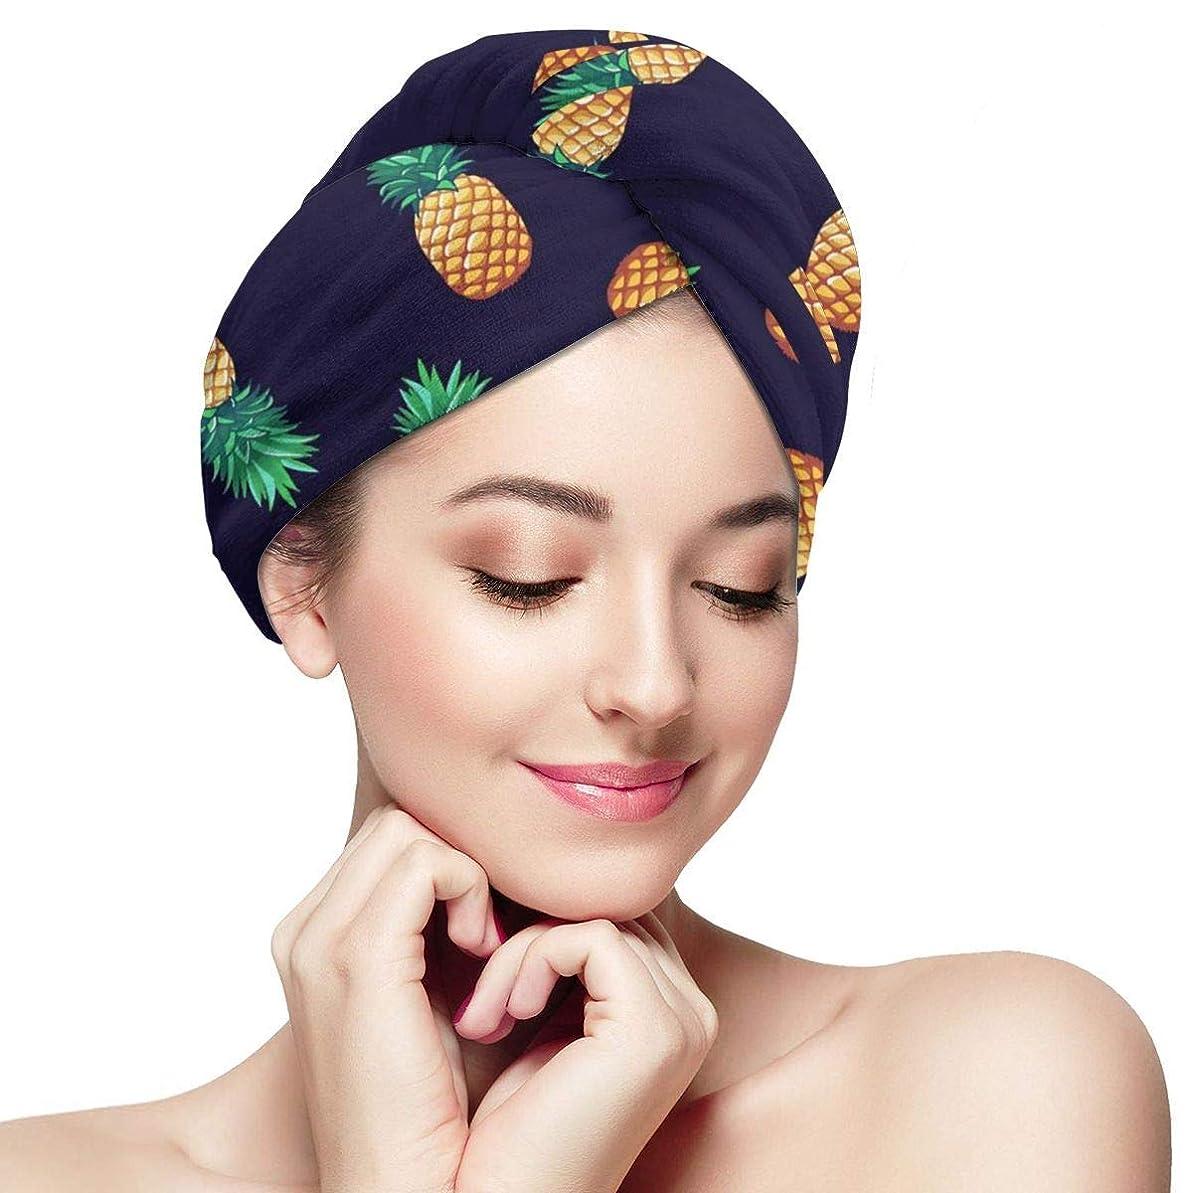 休み新しい意味仮装ネイビーラップターバンバスシャワーヘッドタオルパイナップルヘアドライヤタオル女性用吸収性クイックキャップクイックハットフリーキャップ